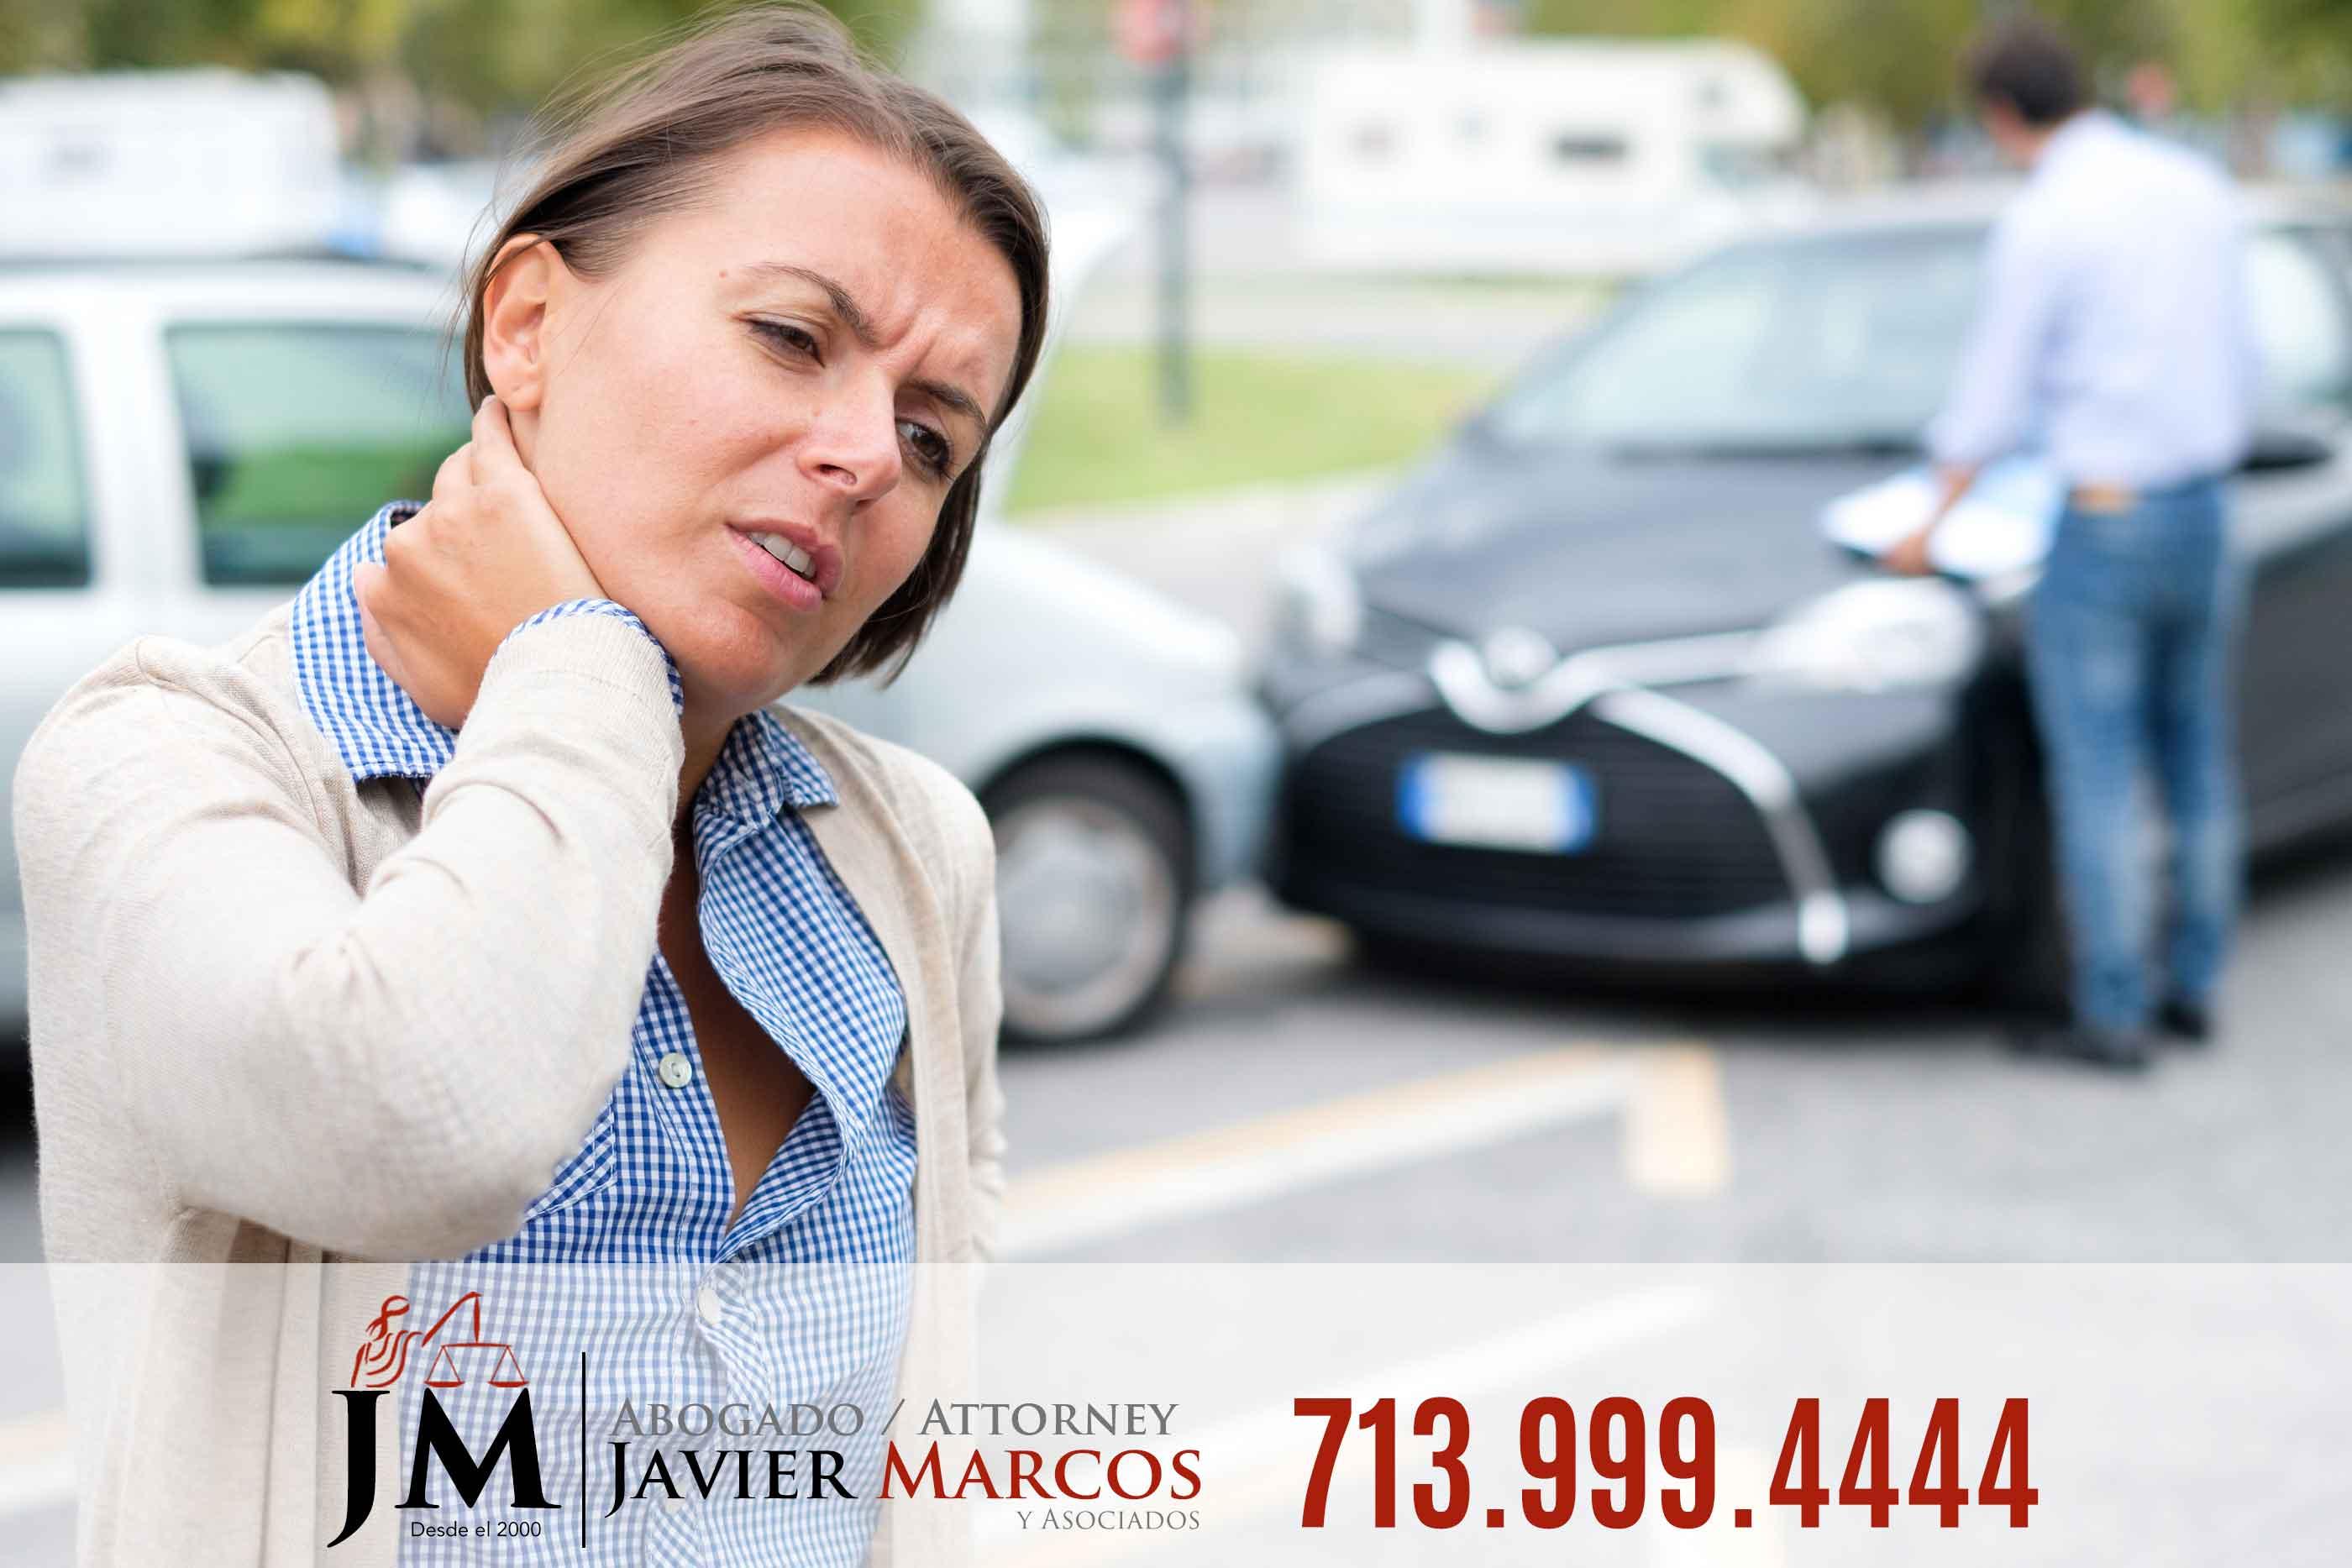 Dolor despues de accidente de carro | Abogado Javier Marcos